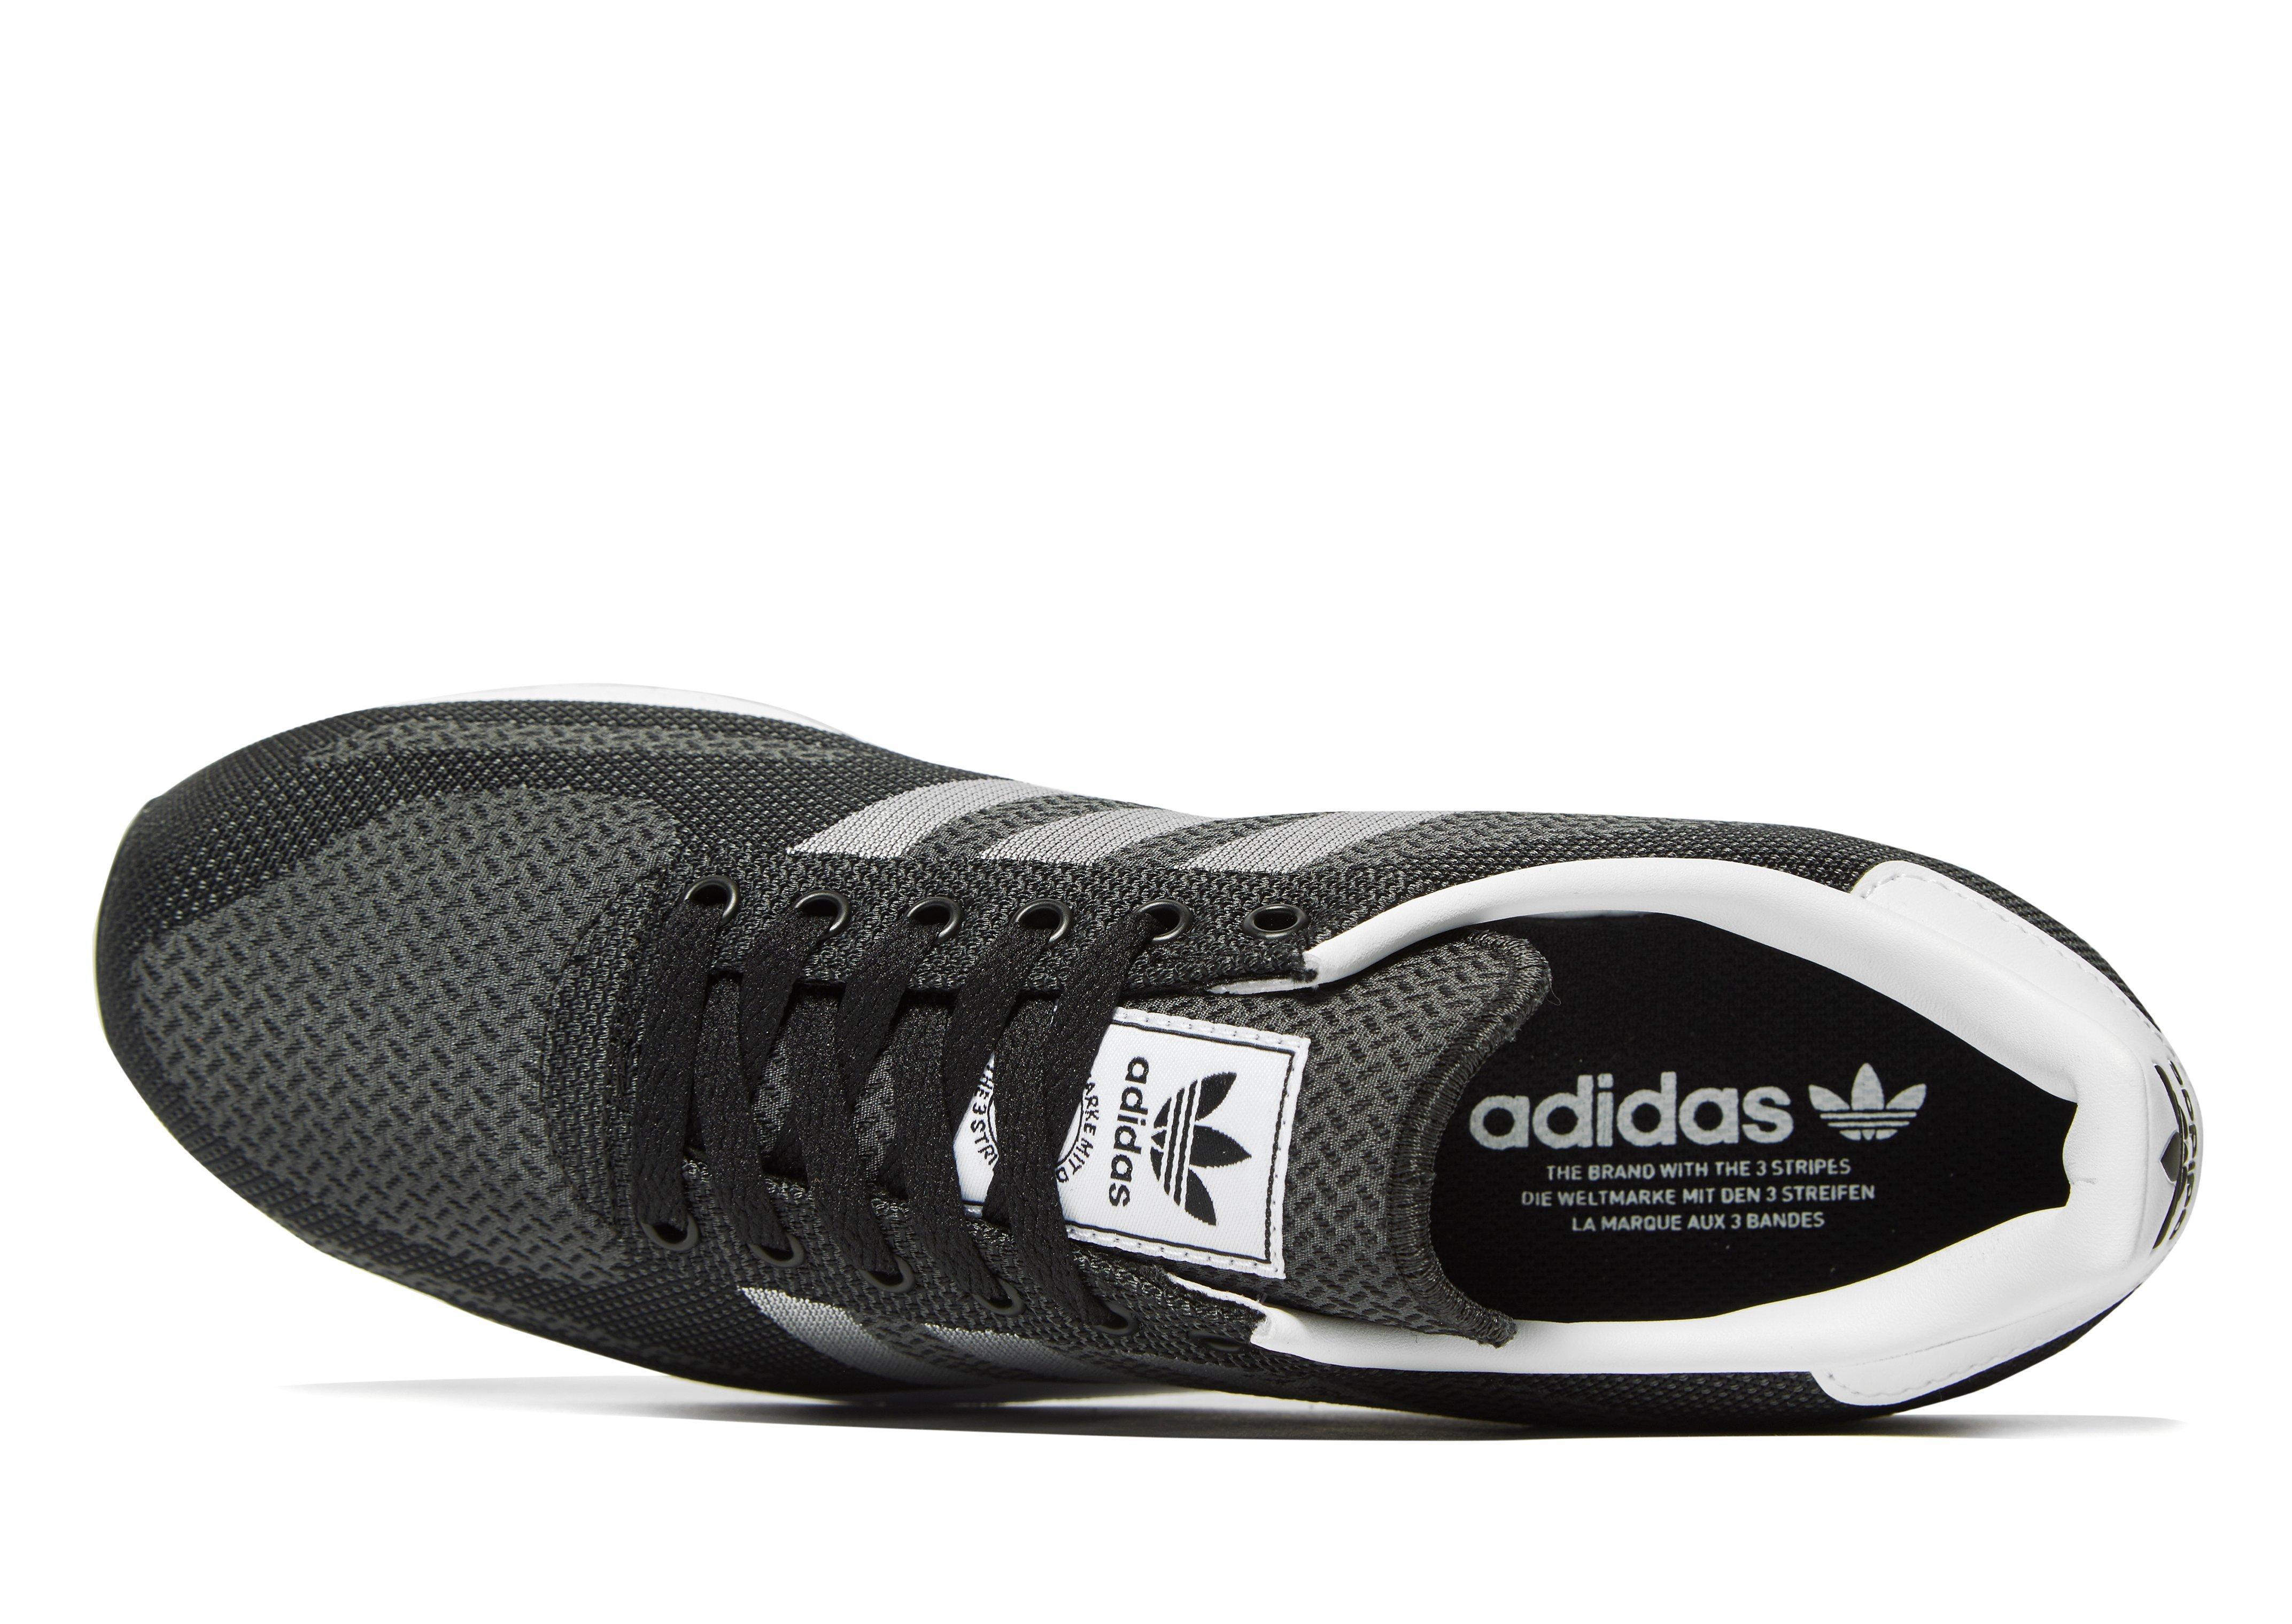 adidas Originals L.A. Trainer Navy JD Sports Exclusive